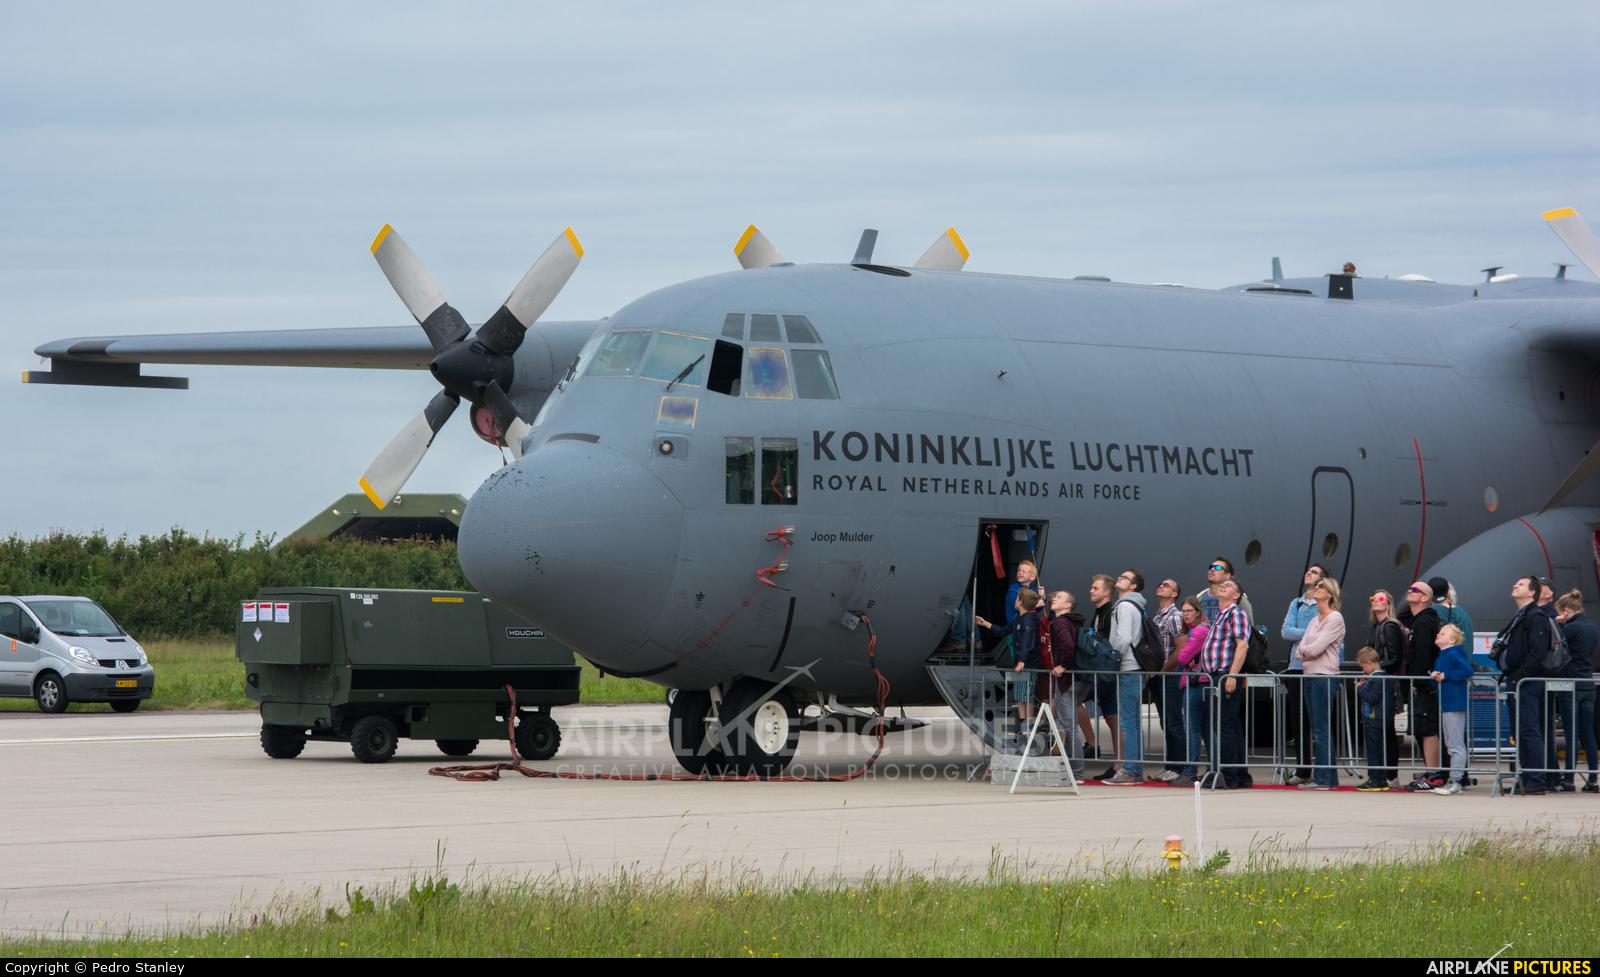 Netherlands - Air Force G-988 aircraft at Leeuwarden